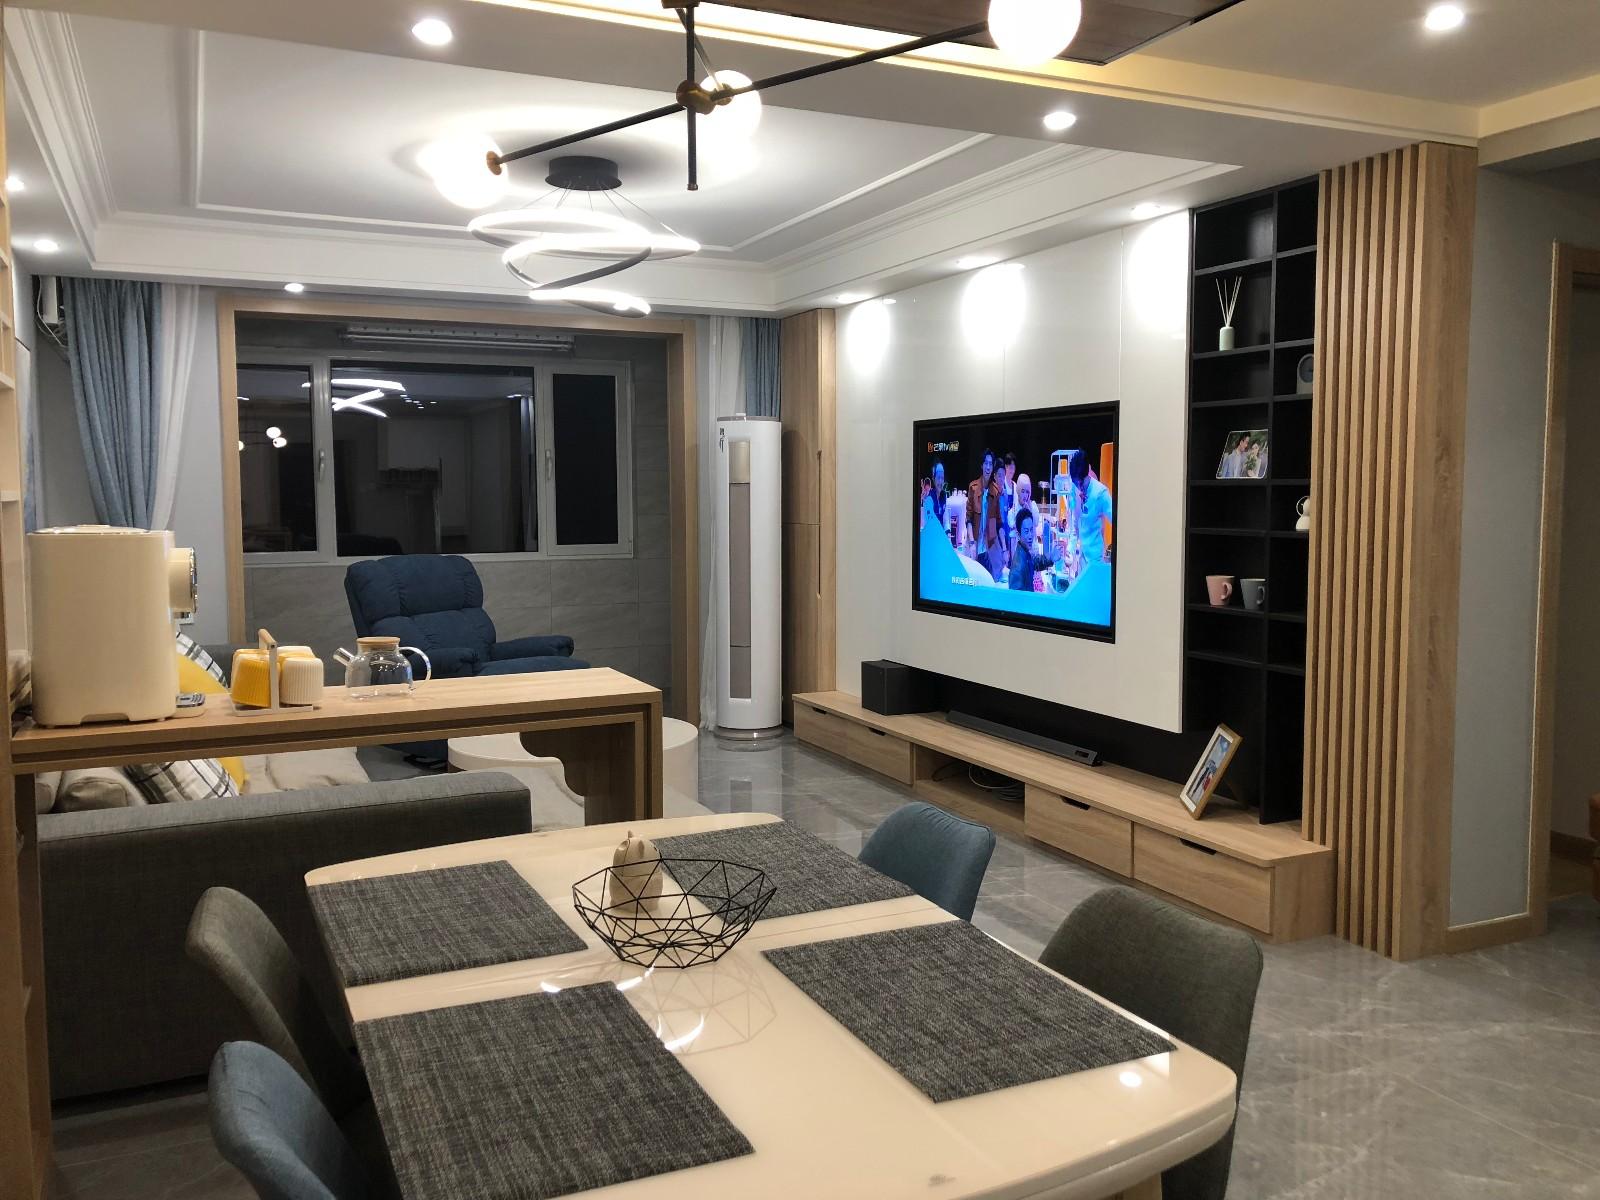 现代风格案例(承德市自然城)客厅现代简约客厅设计图片赏析